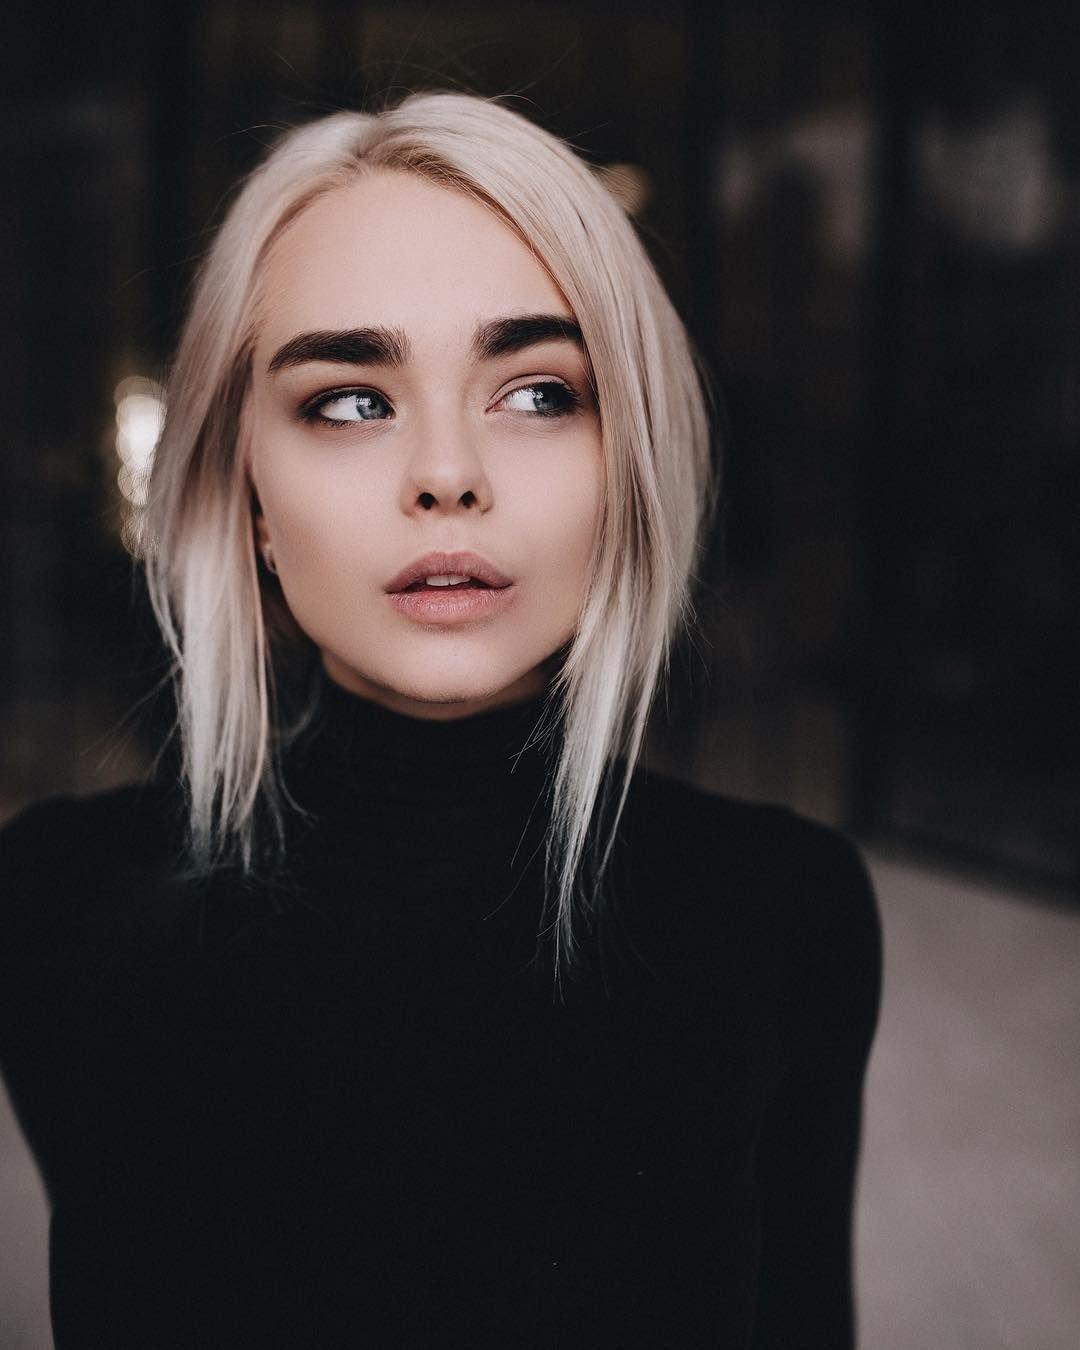 Шикарные девушки с каре: сексуальные брюнетки и блондинки с волосами до плеч 12